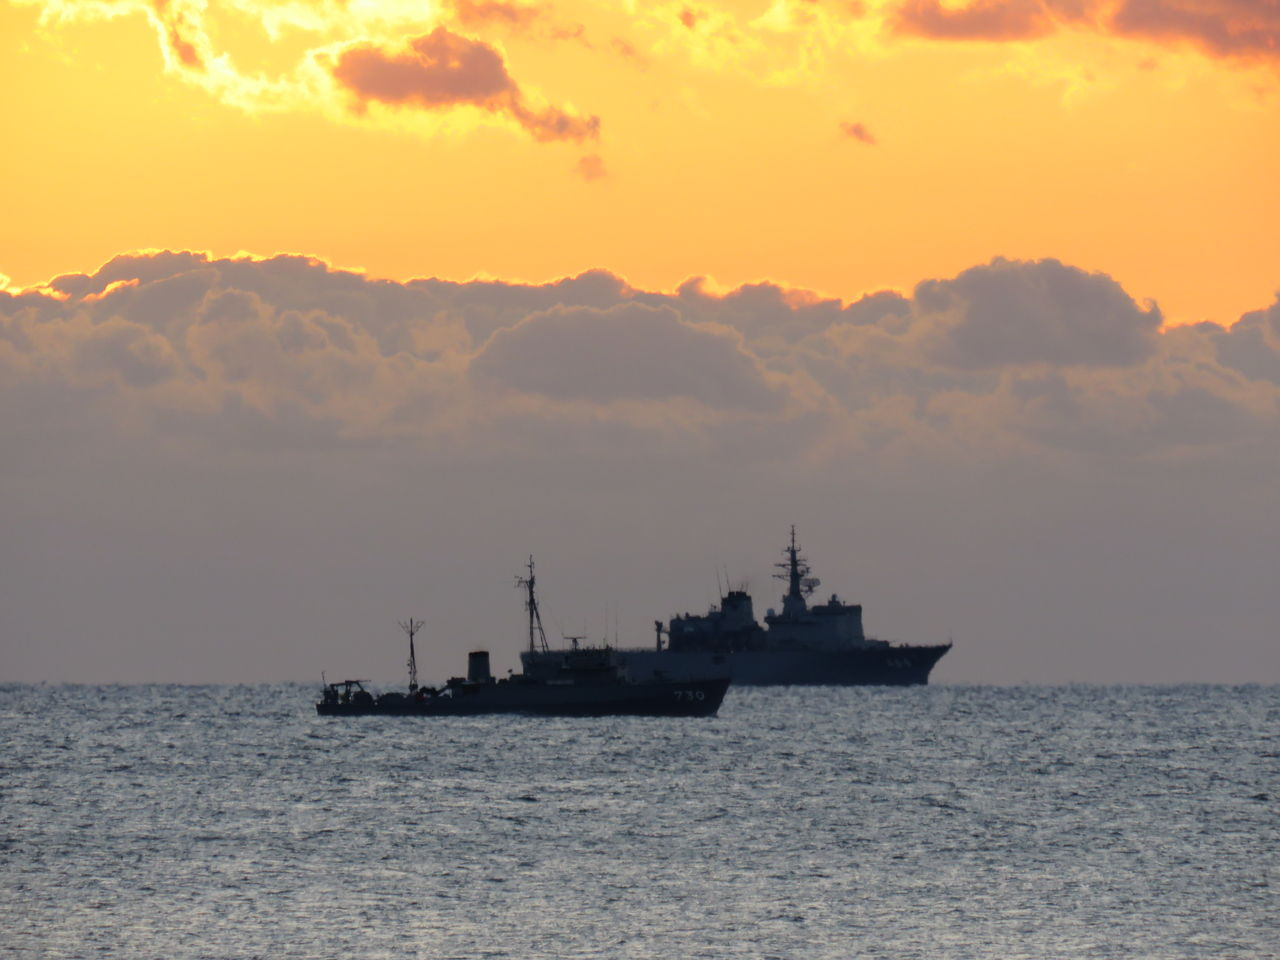 した と 掃海 は 艇 を 戦争 派遣 しよう はつしま型掃海艇とは